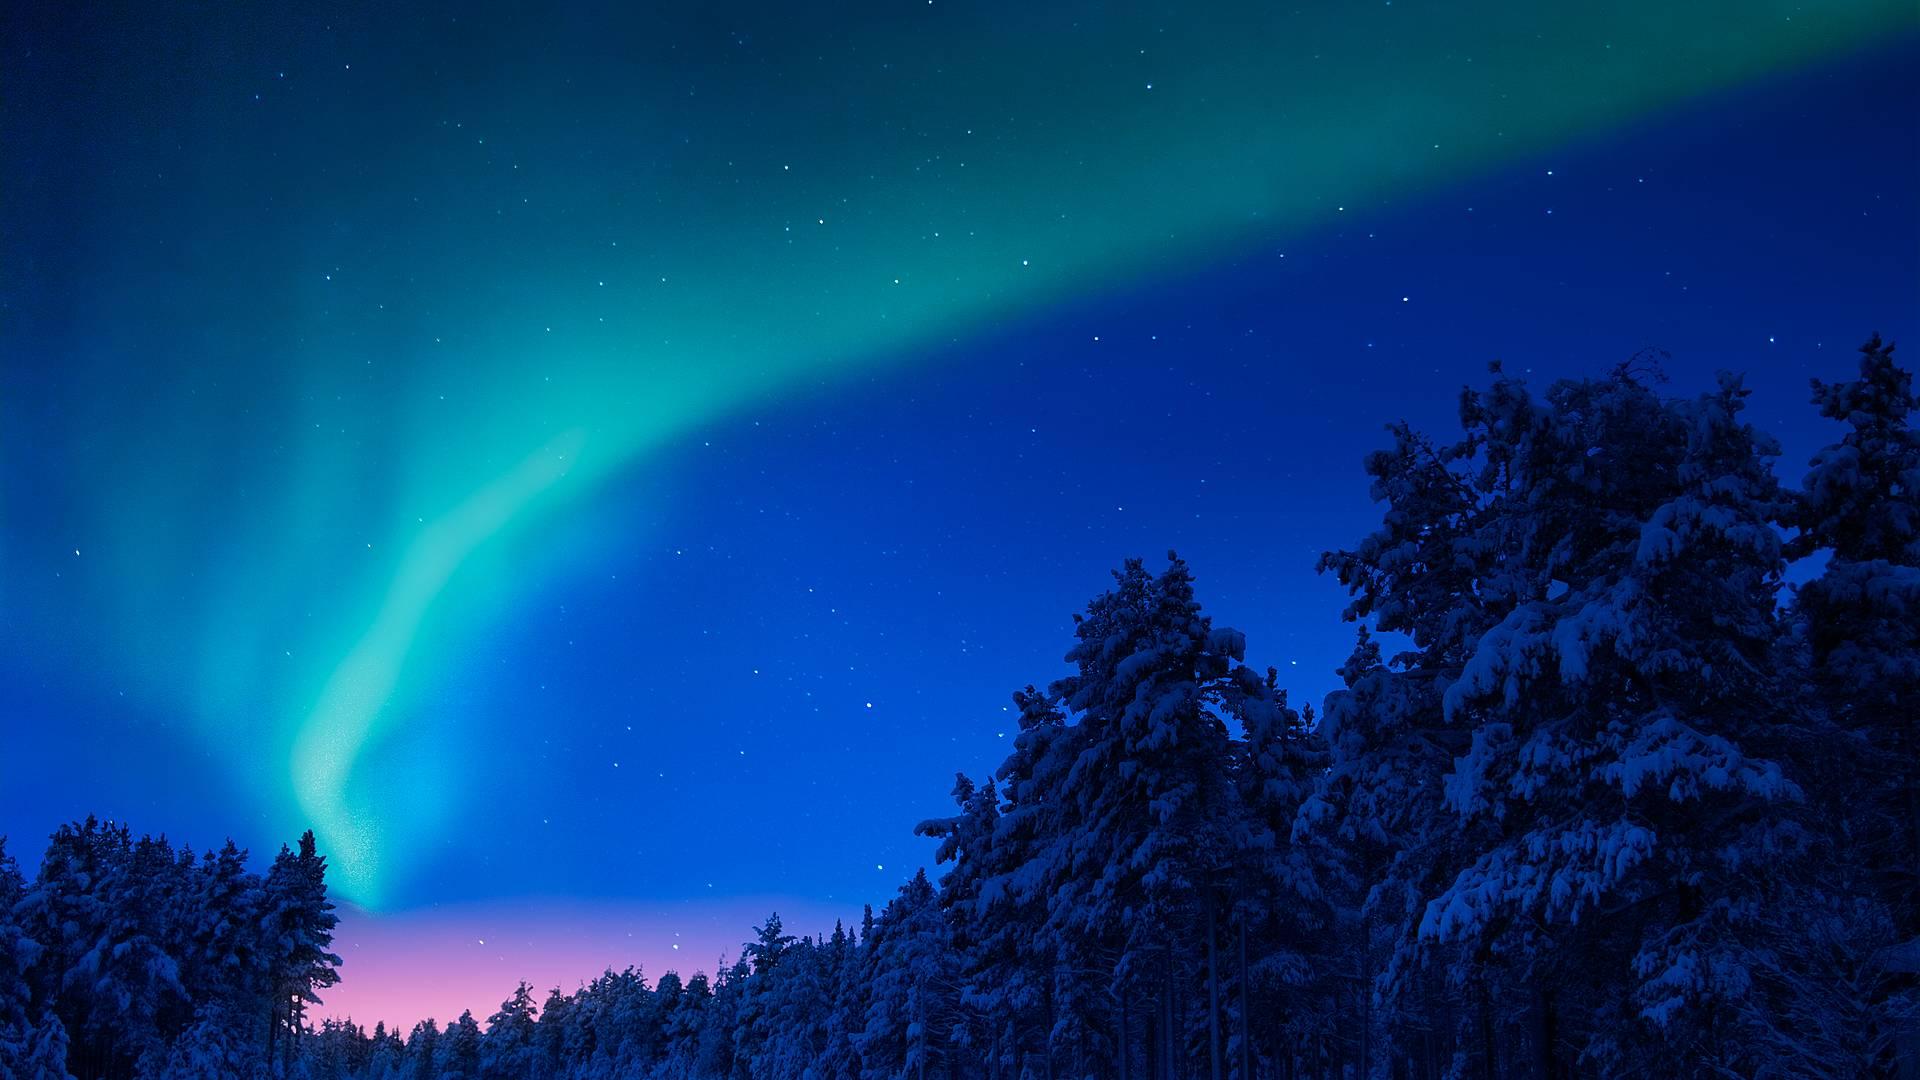 Aventure Boréale - La Laponie norvégienne à l'heure d'hiver